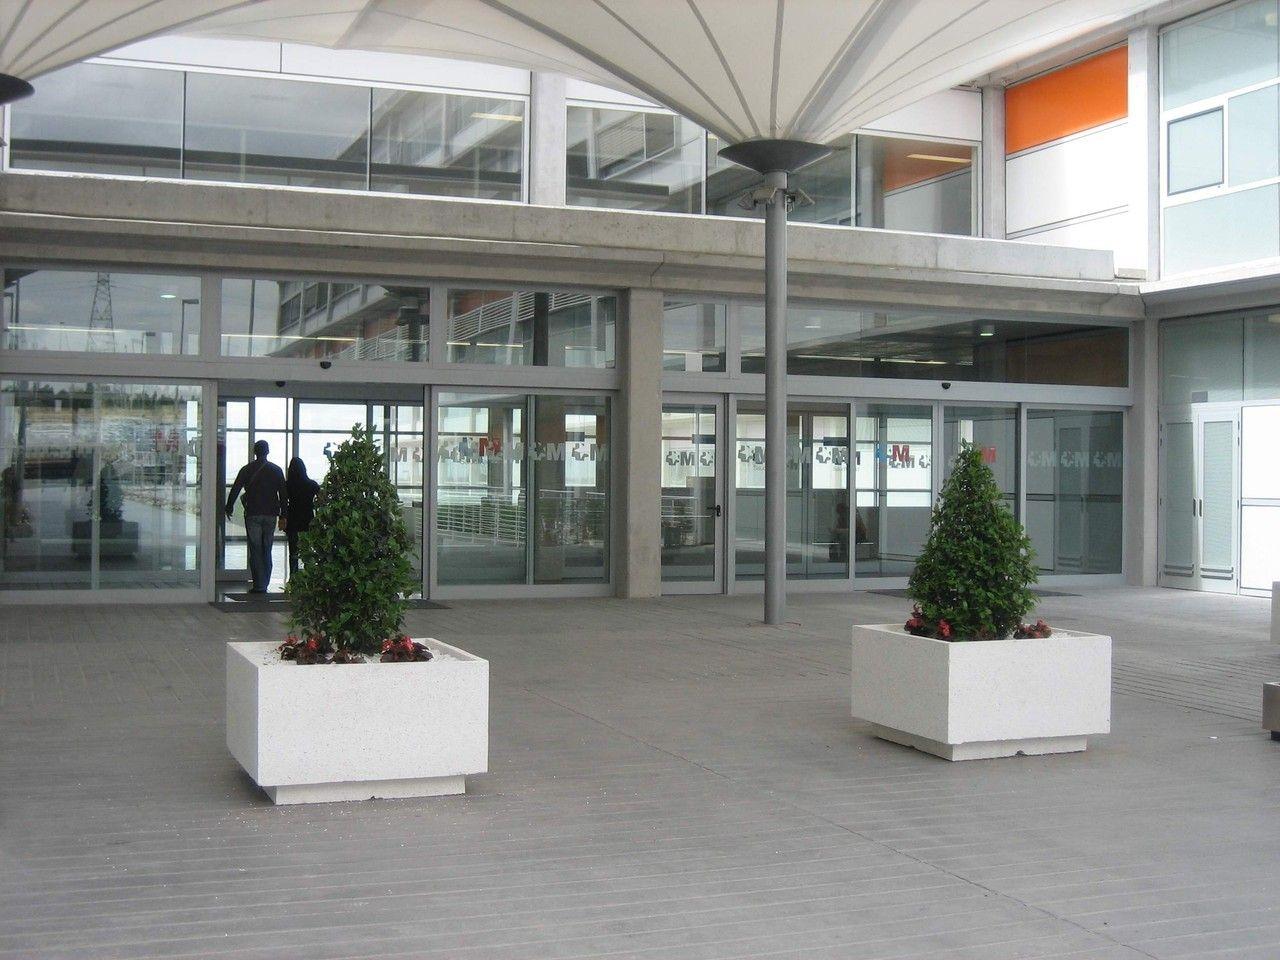 Entrada a un hospital #jardineras #mobiliariourbano #maceteros #jardinerasprefabricadas #hormigonprefabricado